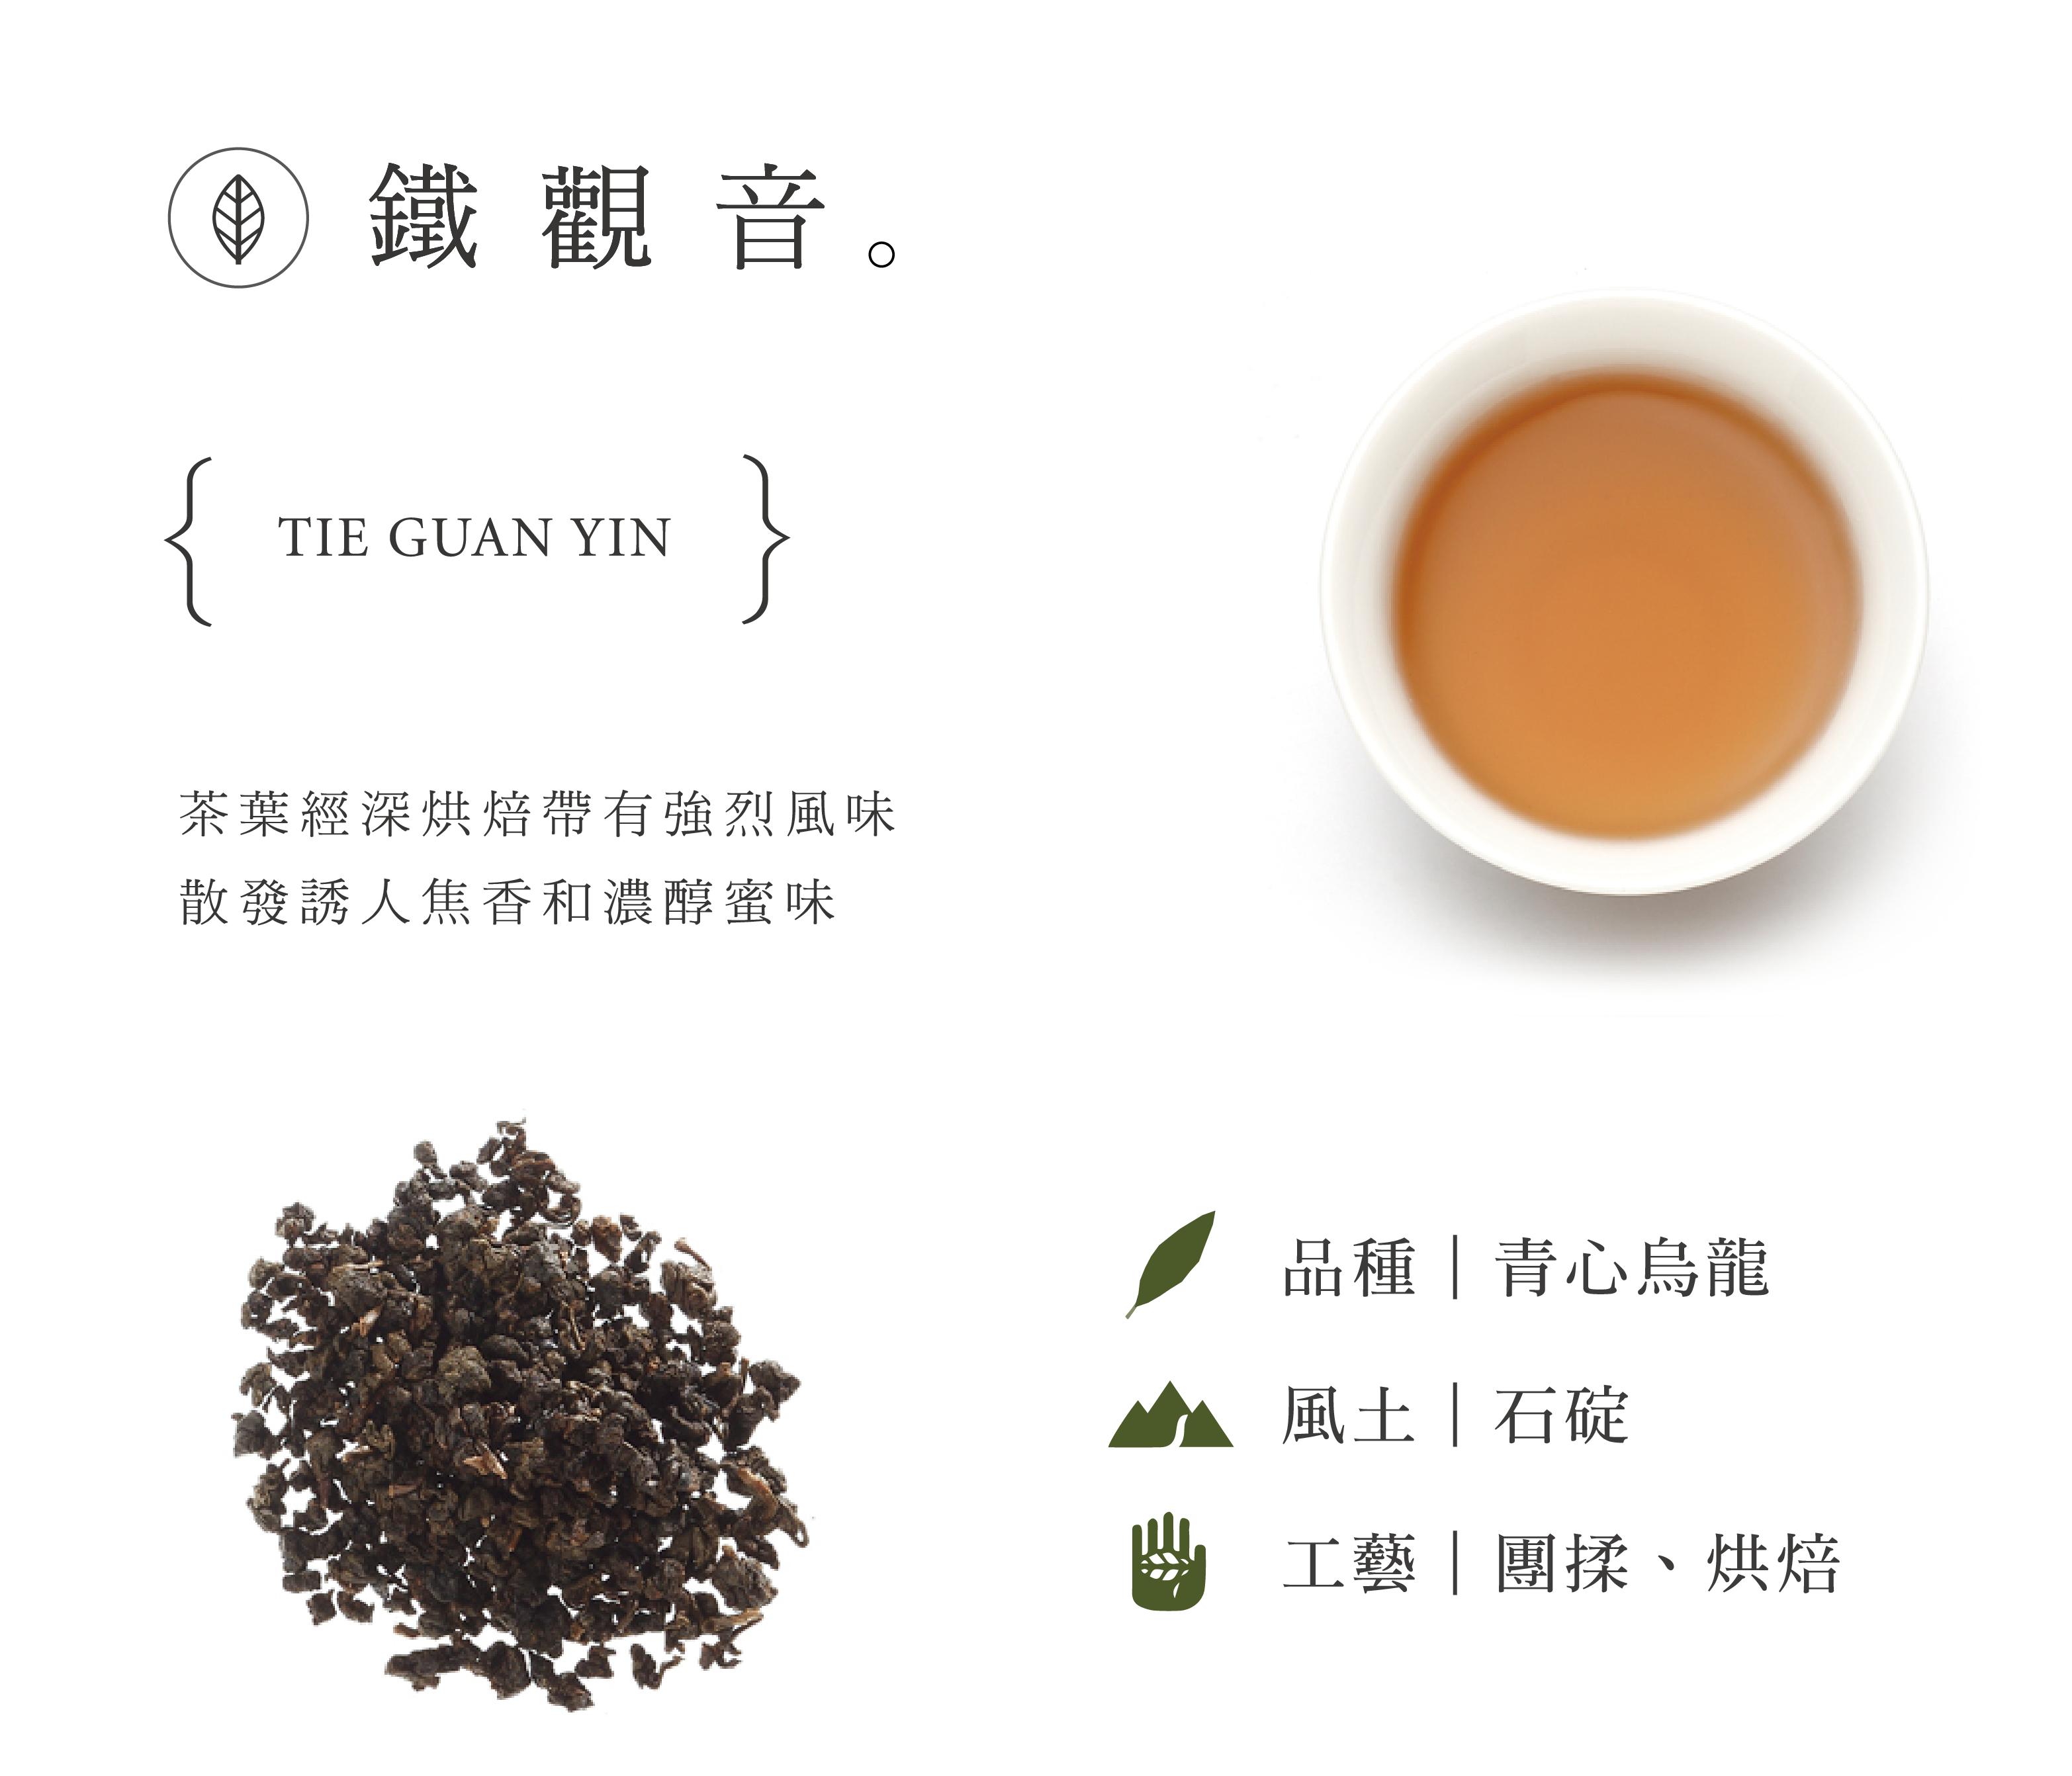 鐵觀音 茶葉經深烘焙帶有強烈風味,散發誘人焦香和濃醇蜜味